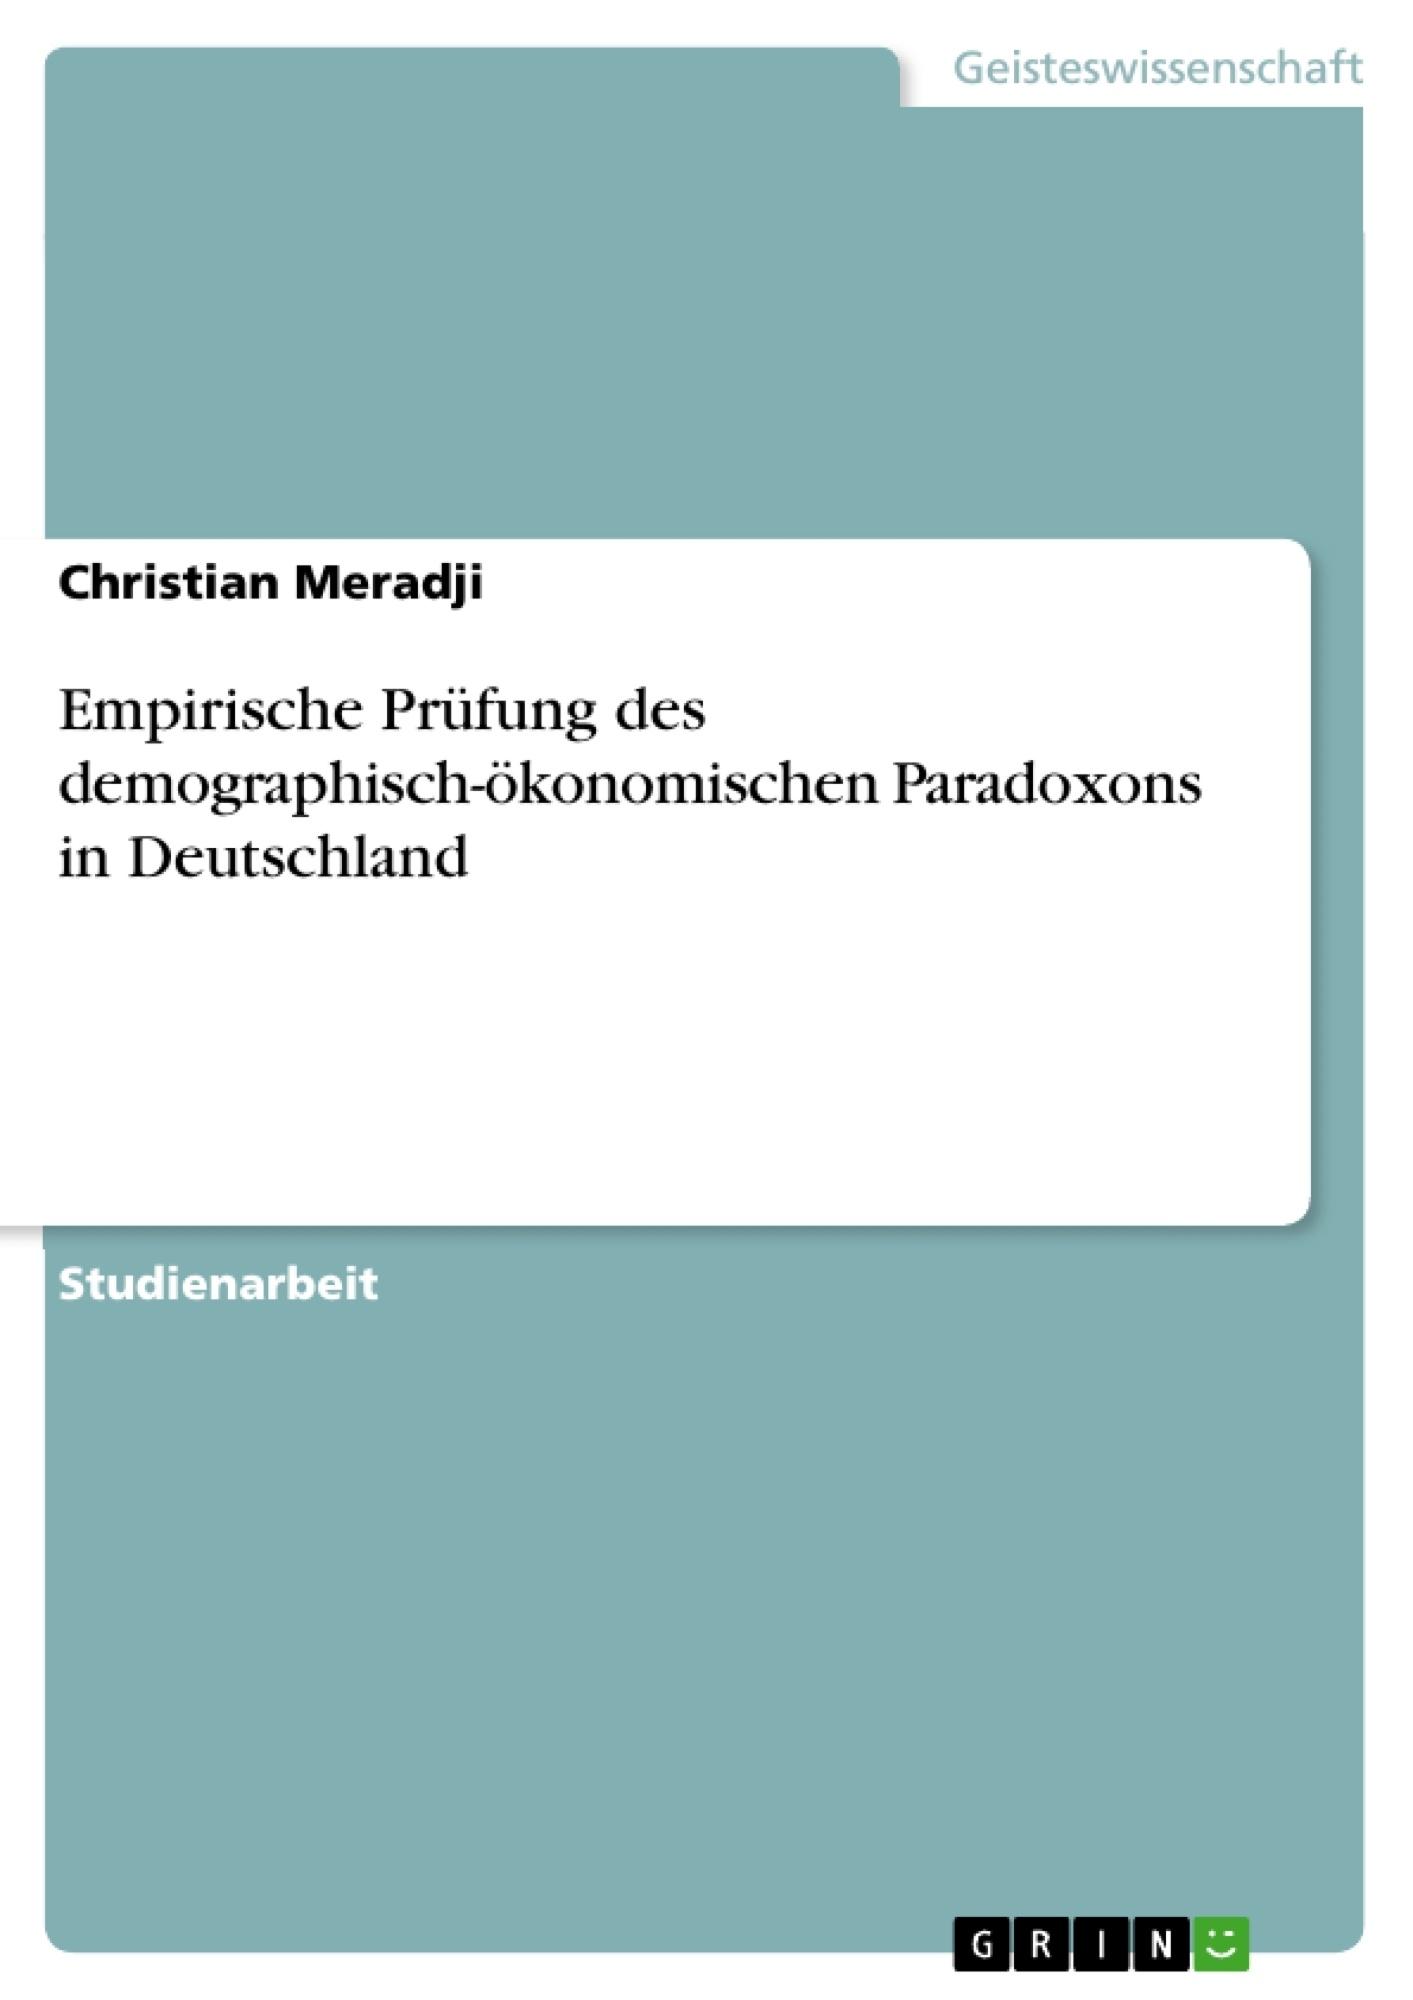 Titel: Empirische Prüfung des demographisch-ökonomischen Paradoxons in Deutschland